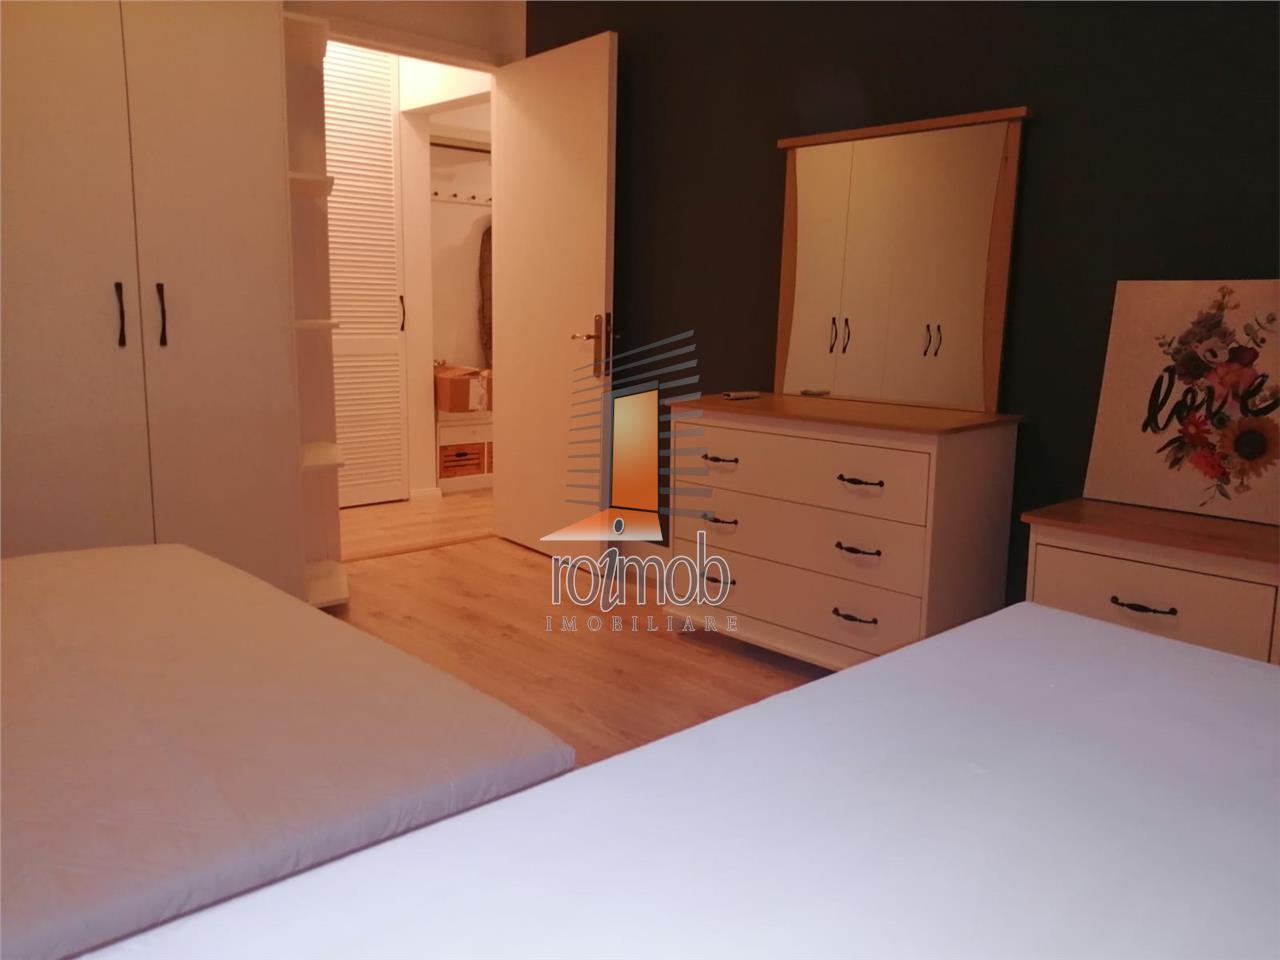 Apartament cu 2 camere, prima inchiriere, Unirii